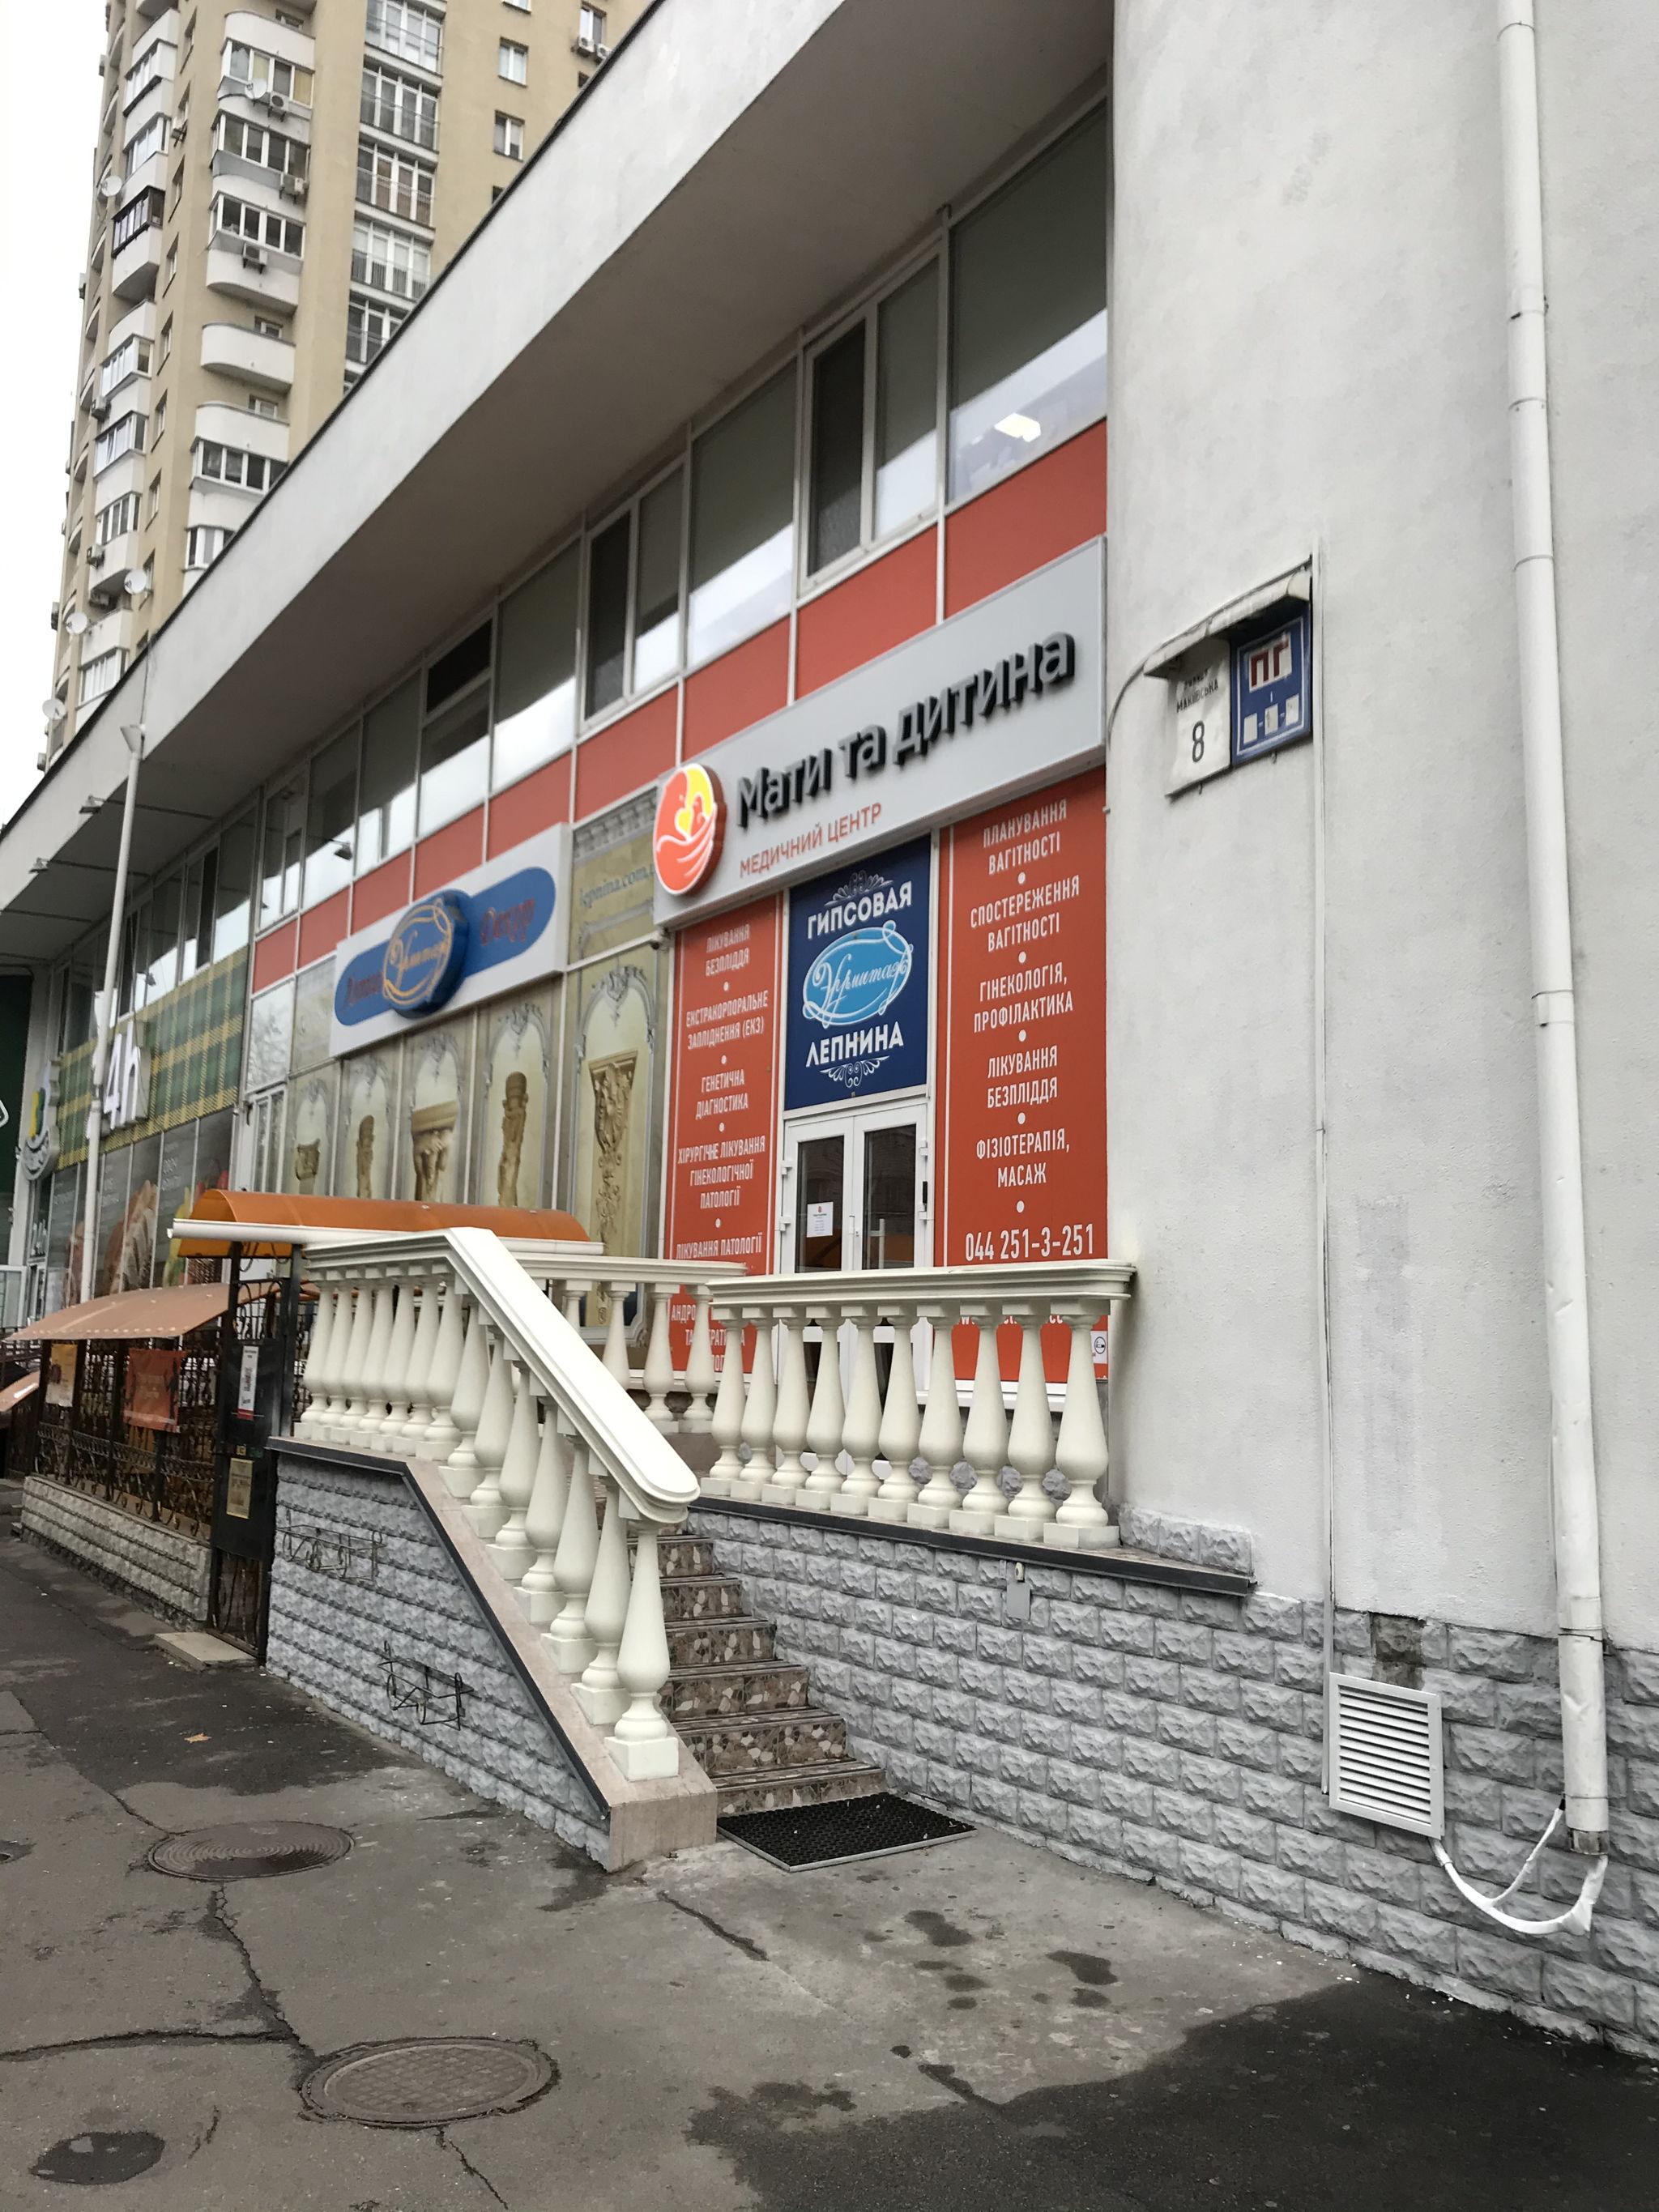 Нежилое помещение, W-5874899, Макеевская, 8, Киев - Фото 2